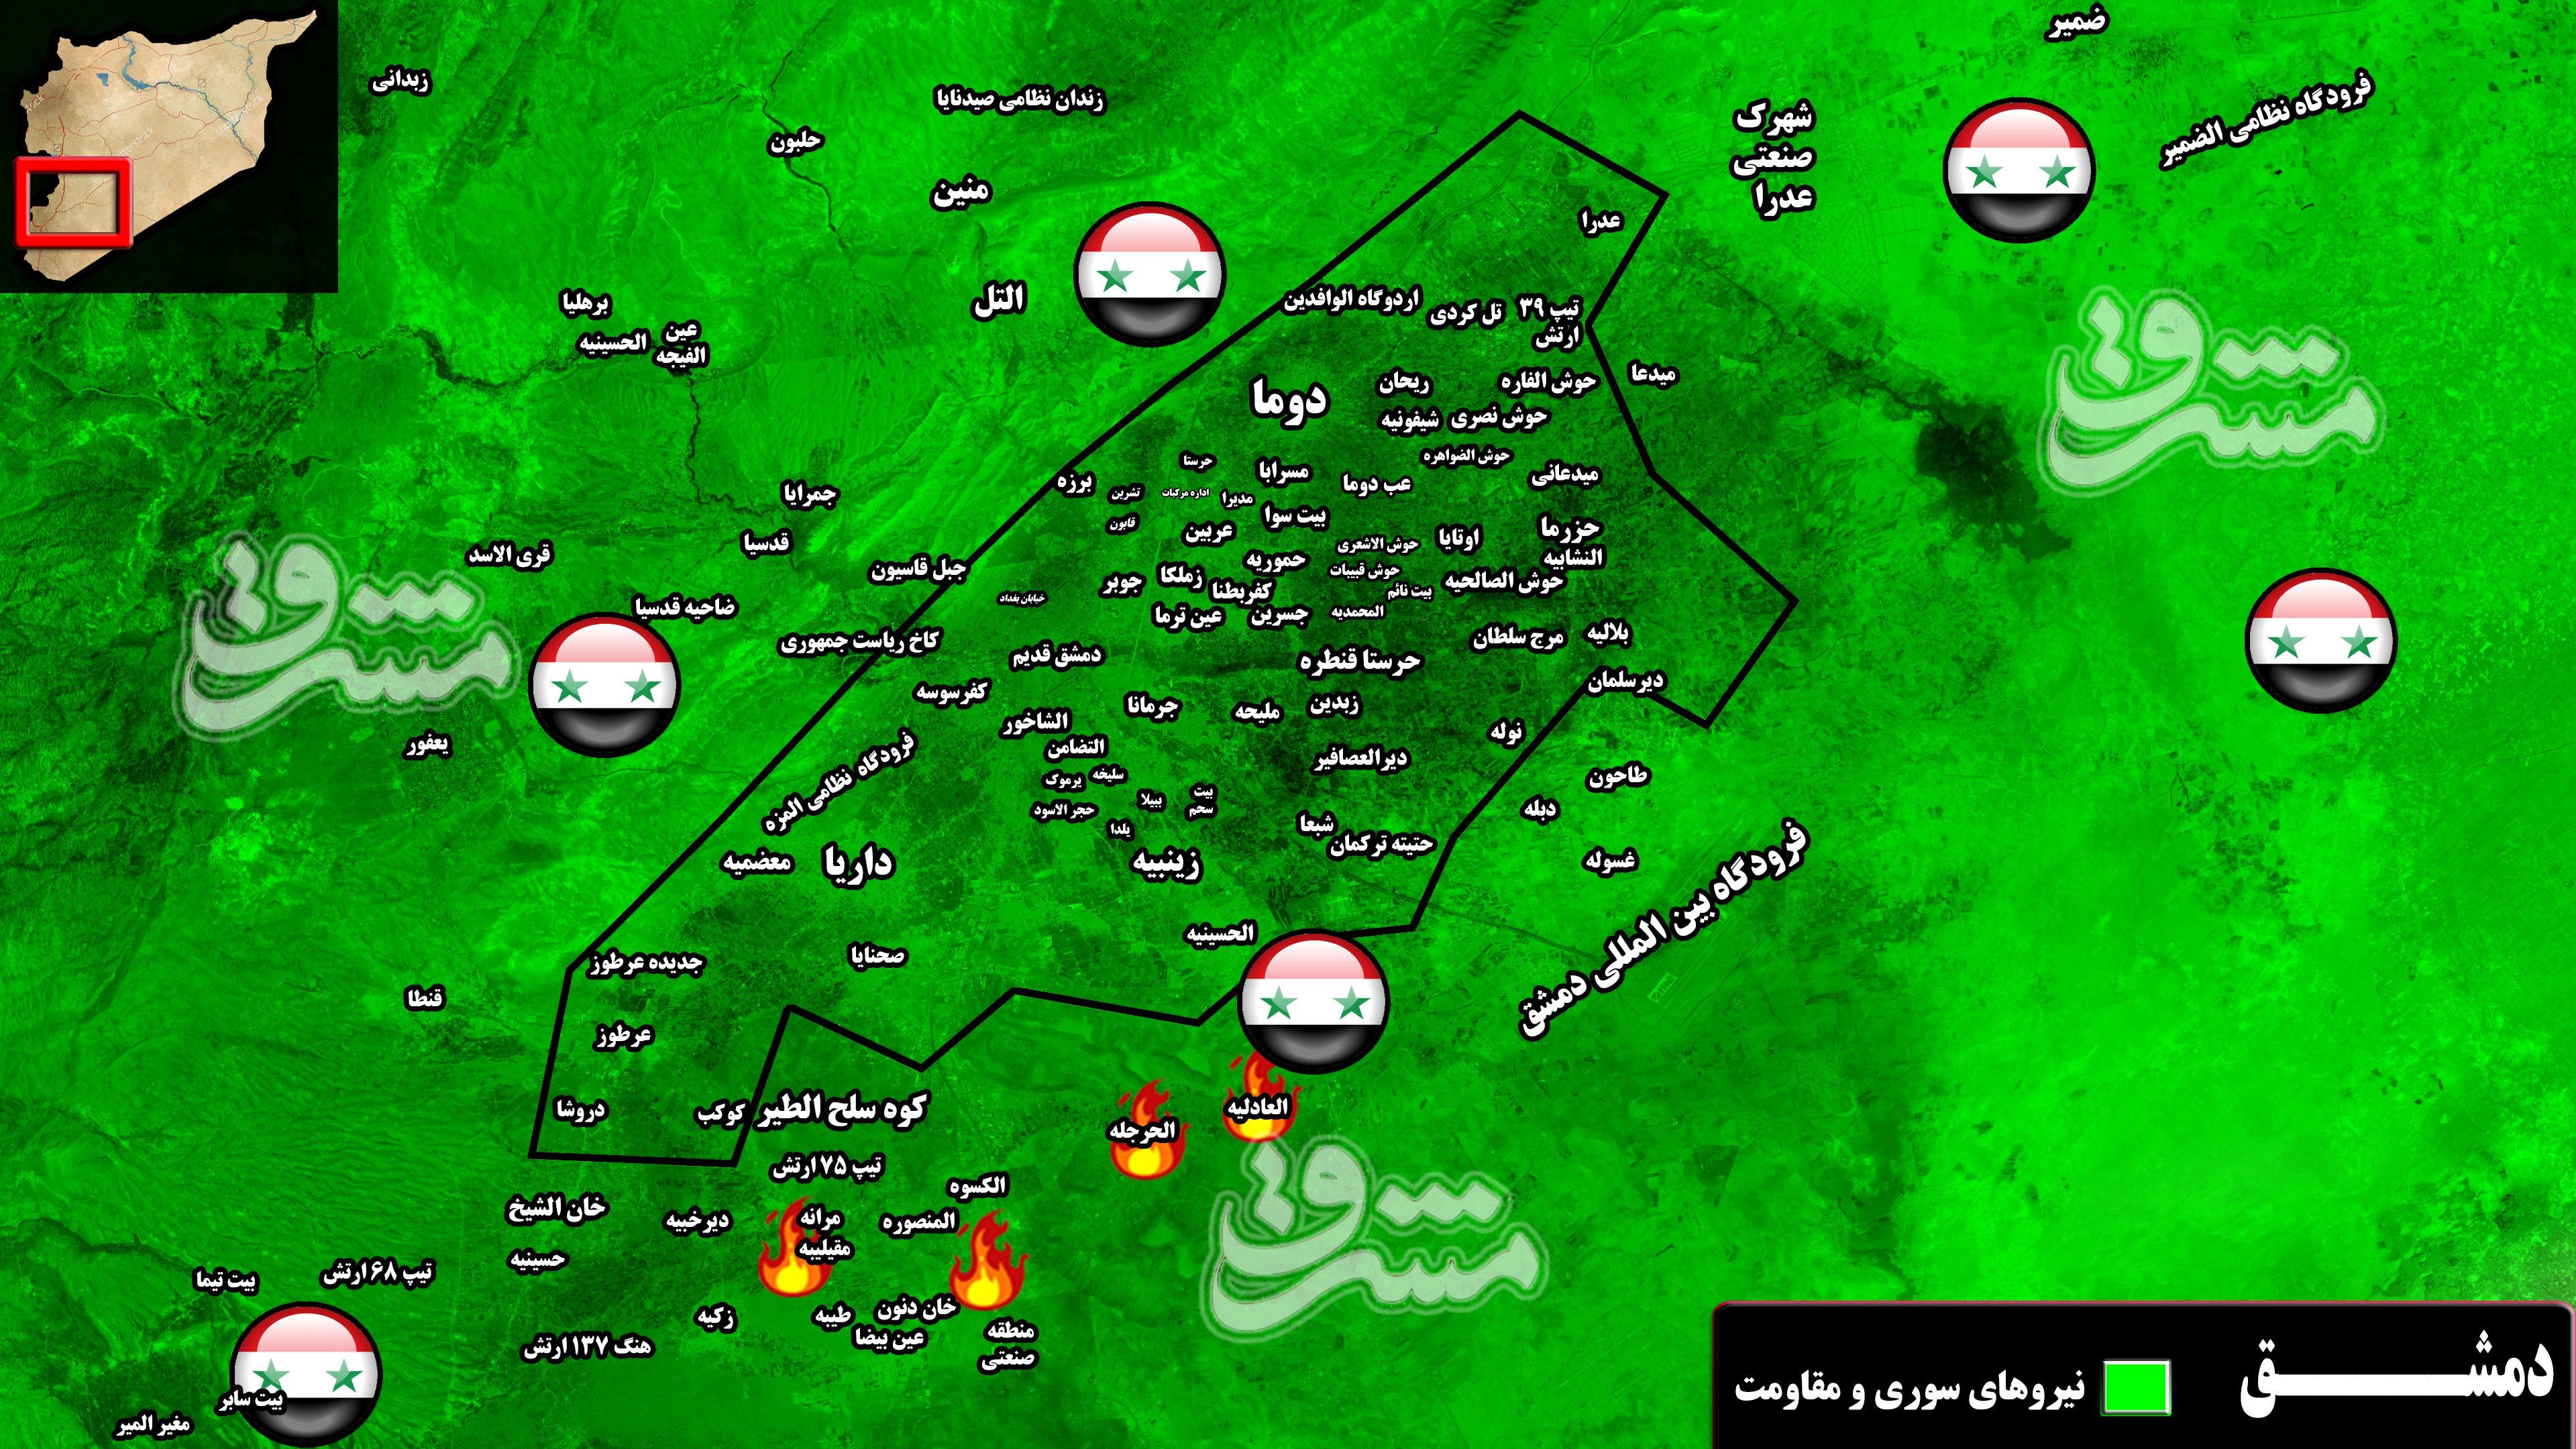 هدف اصلی از حملات موشکی یکشنبه شب به شهر دمشق چه بود؟ / تیر صهیونیستها برای ترور فرمانده سرشناس جنبش مقاومت جهاد اسلامی به سنگ خورد + نقشه میدانی